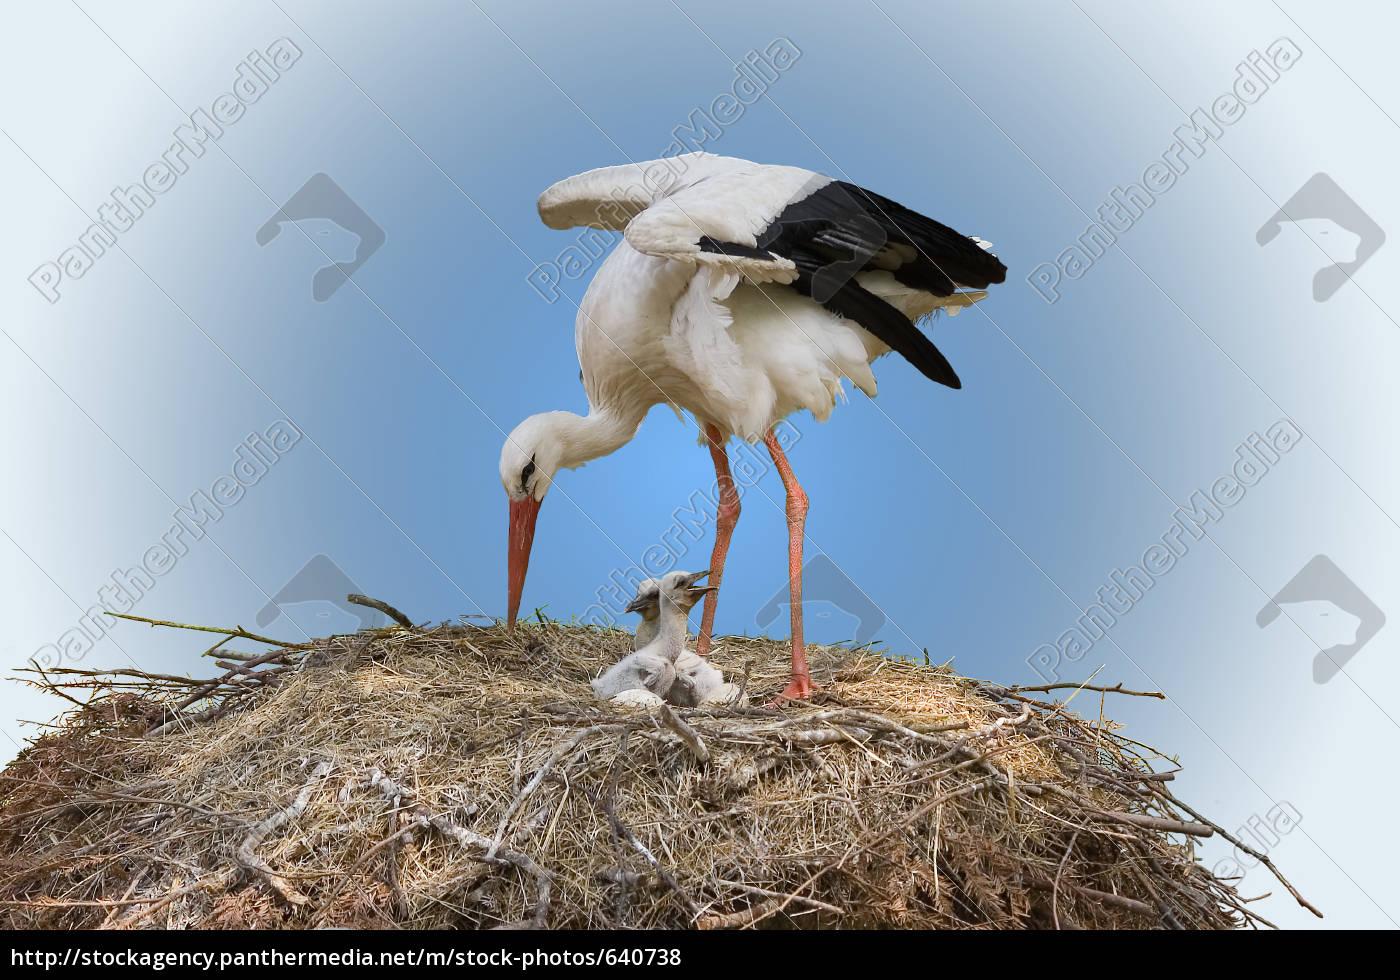 ..., freshly, hatched - 640738